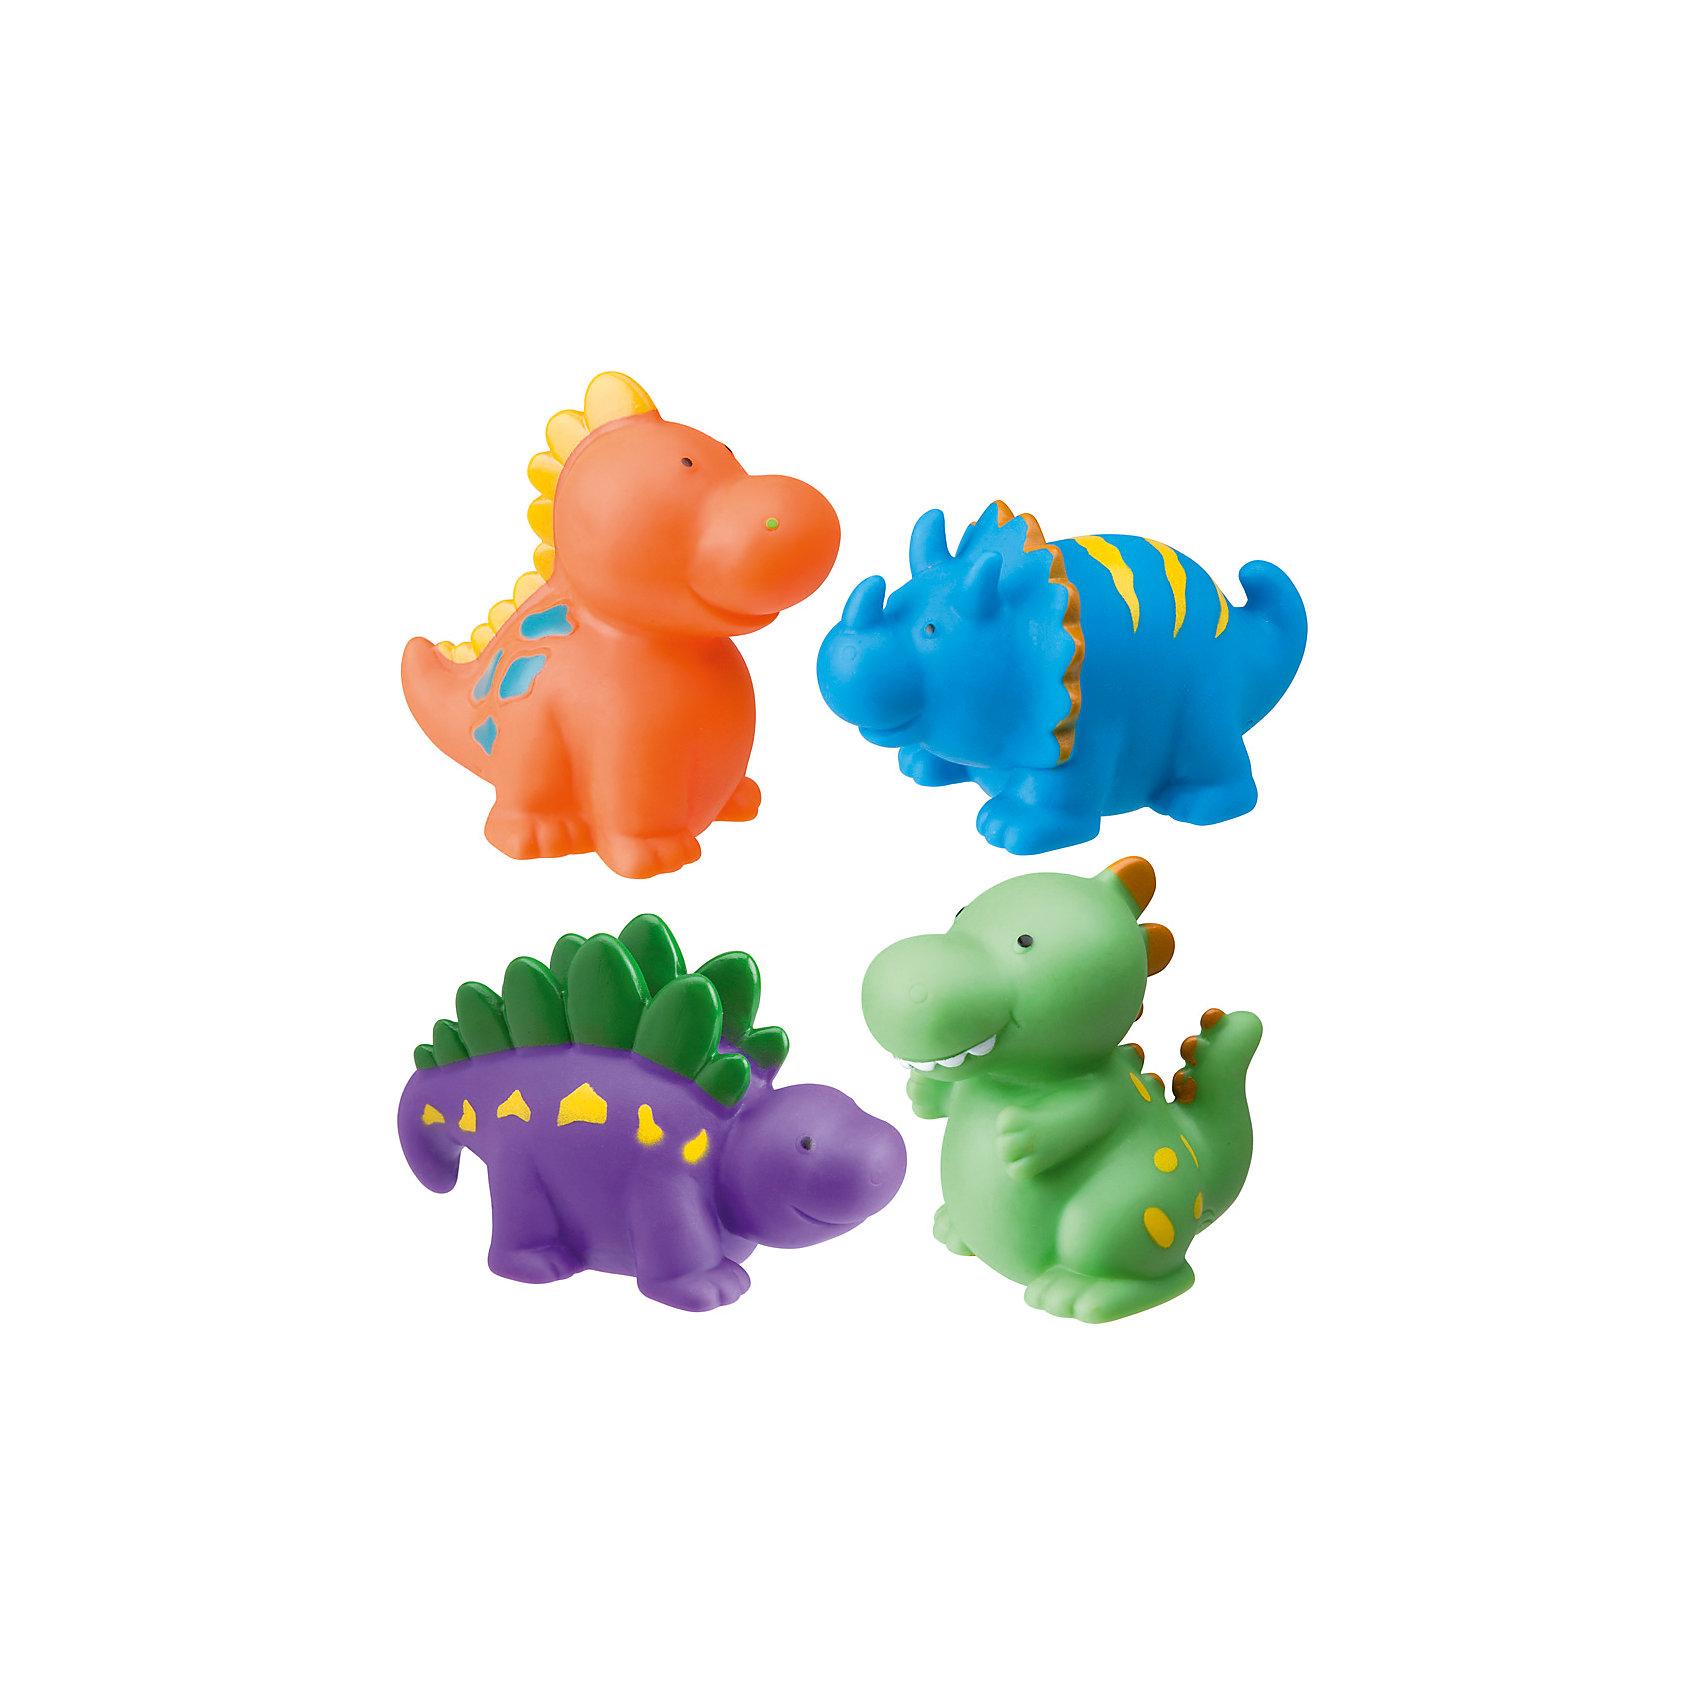 Набор игрушек для ванны Динозаврики, AlexИгрушки для ванной<br>Характеристики товара:<br><br>• возраст от 6 месяцев<br>• материал: резина<br>• в комплекте: 4 игрушки, сумочка<br>• высота игрушки 6 см<br>• игрушки-брызгалки<br>• размер упаковки 13,3х16х5 см<br>• вес упаковки 200 г.<br>• страна бренда: США<br>• страна производитель: США<br><br>Игрушки для ванны «Динозаврики» Alex сделают купание в ванной увлекательным и веселым. Игрушки выполнены в виде цветных динозавриков-пищалок. Если набрать в них и воды и сжать, то брызнет струйка воды. Игрушки изготовлены из экологичной резины. Для хранения предусмотрена удобная пластиковая сумочка с ручками.<br><br>Игрушки для ванны «Динозаврики» Alex 4 предмета можно приобрести в нашем интернет-магазине.<br><br>Ширина мм: 160<br>Глубина мм: 125<br>Высота мм: 65<br>Вес г: 214<br>Возраст от месяцев: 6<br>Возраст до месяцев: 10<br>Пол: Унисекс<br>Возраст: Детский<br>SKU: 2422326